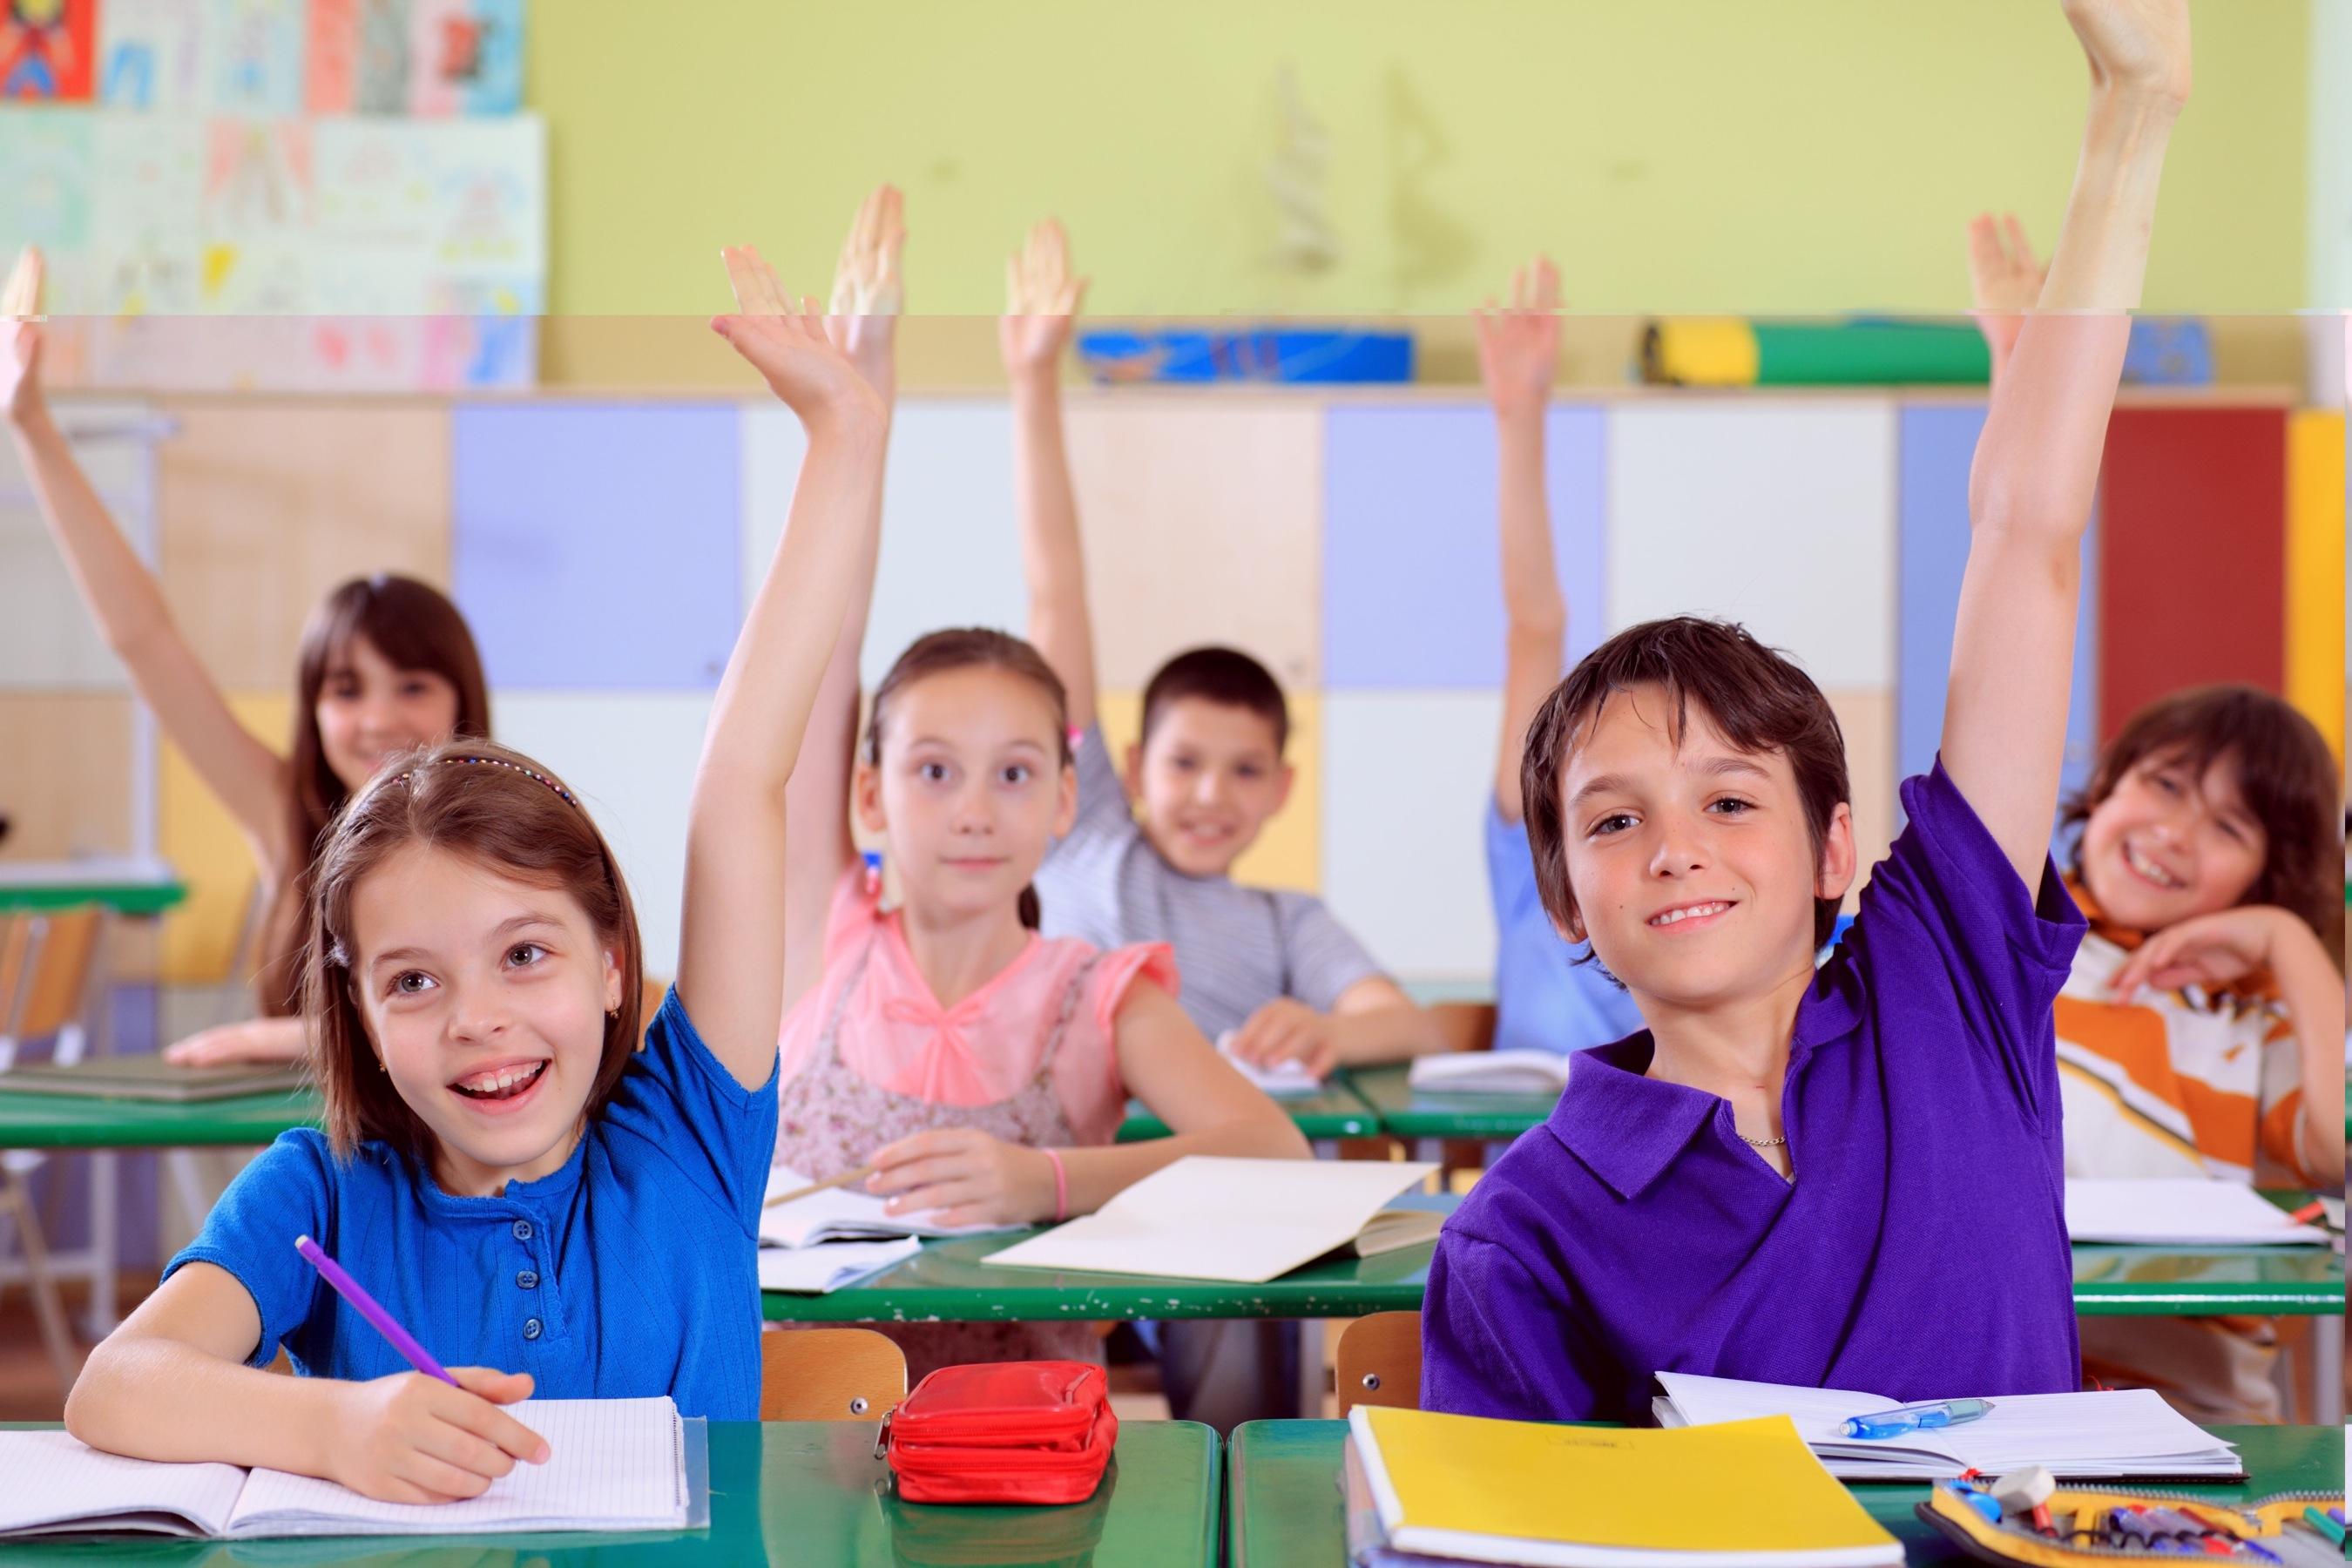 Η σημασία της συμμετοχής όλων των παιδιών στο μάθημα